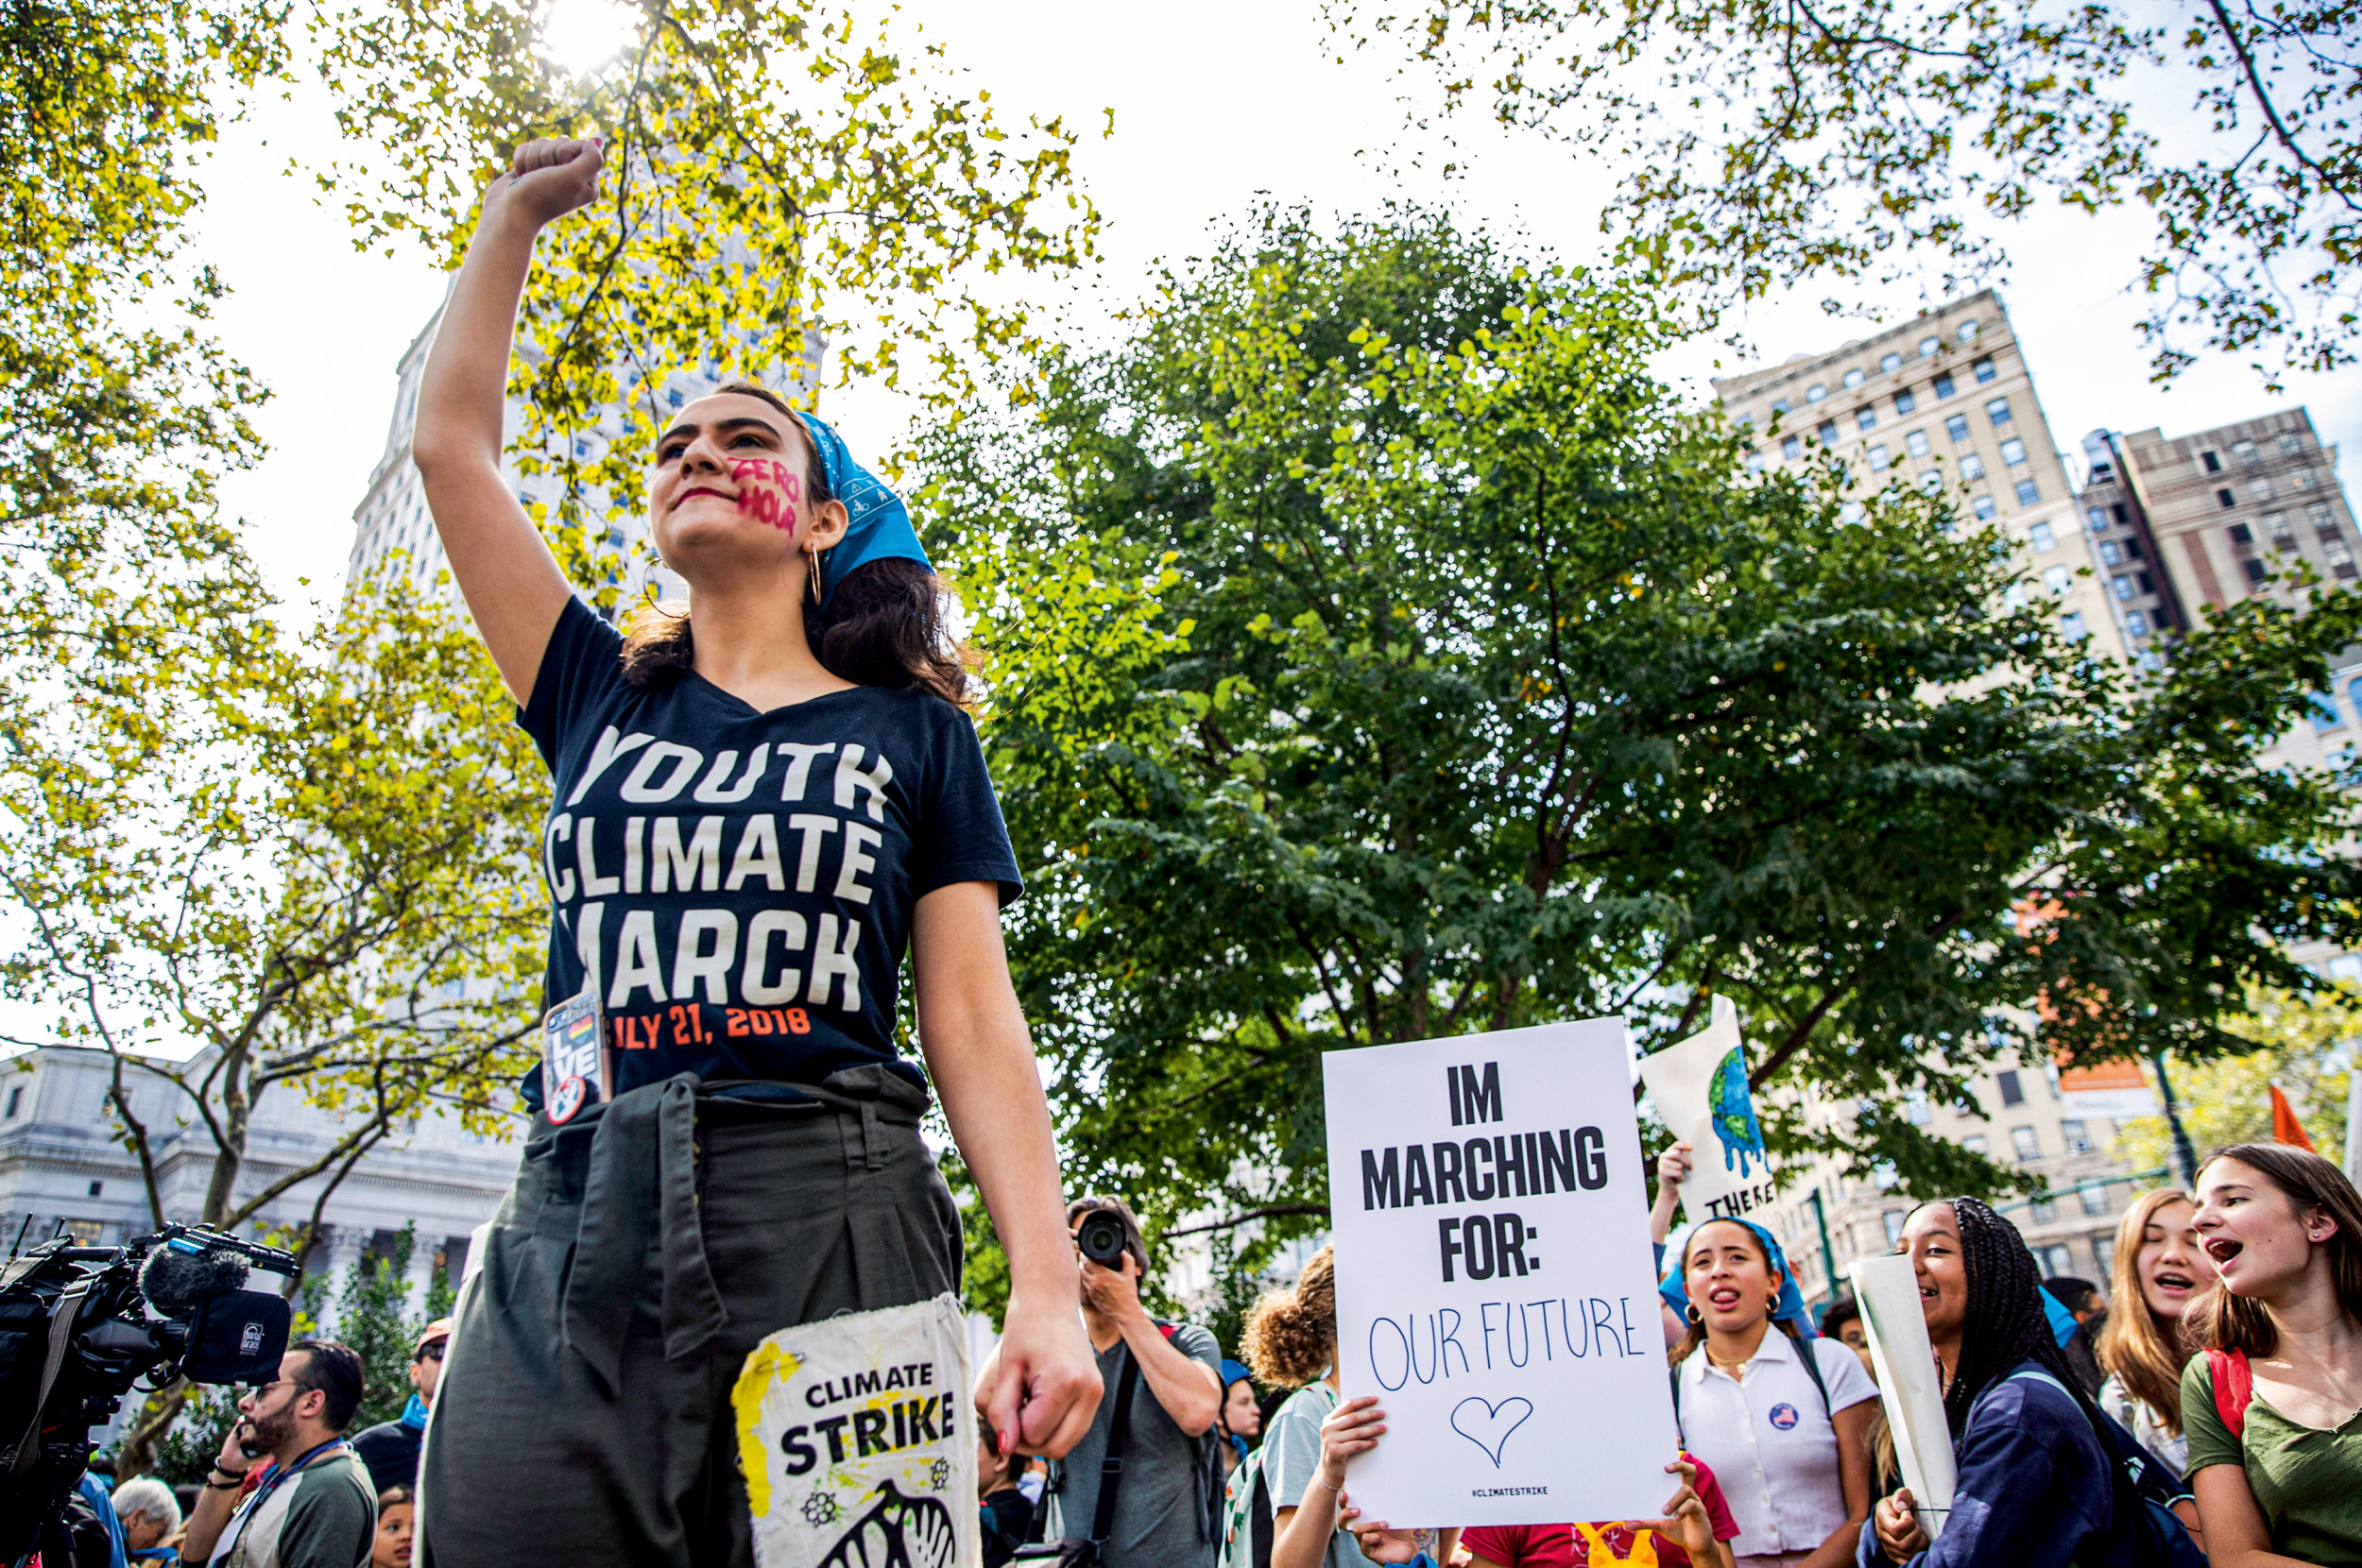 """GEMEINSAM STÄRKER Margolin im September 2019 beim """"Youth Climate March"""" in New York. Von der von ihr gegründeten Kampagnen- und Infoseite """"Zero Hour"""" ließ sich Greta Thunberg zu ihren ersten Schulstreiks inspirieren"""